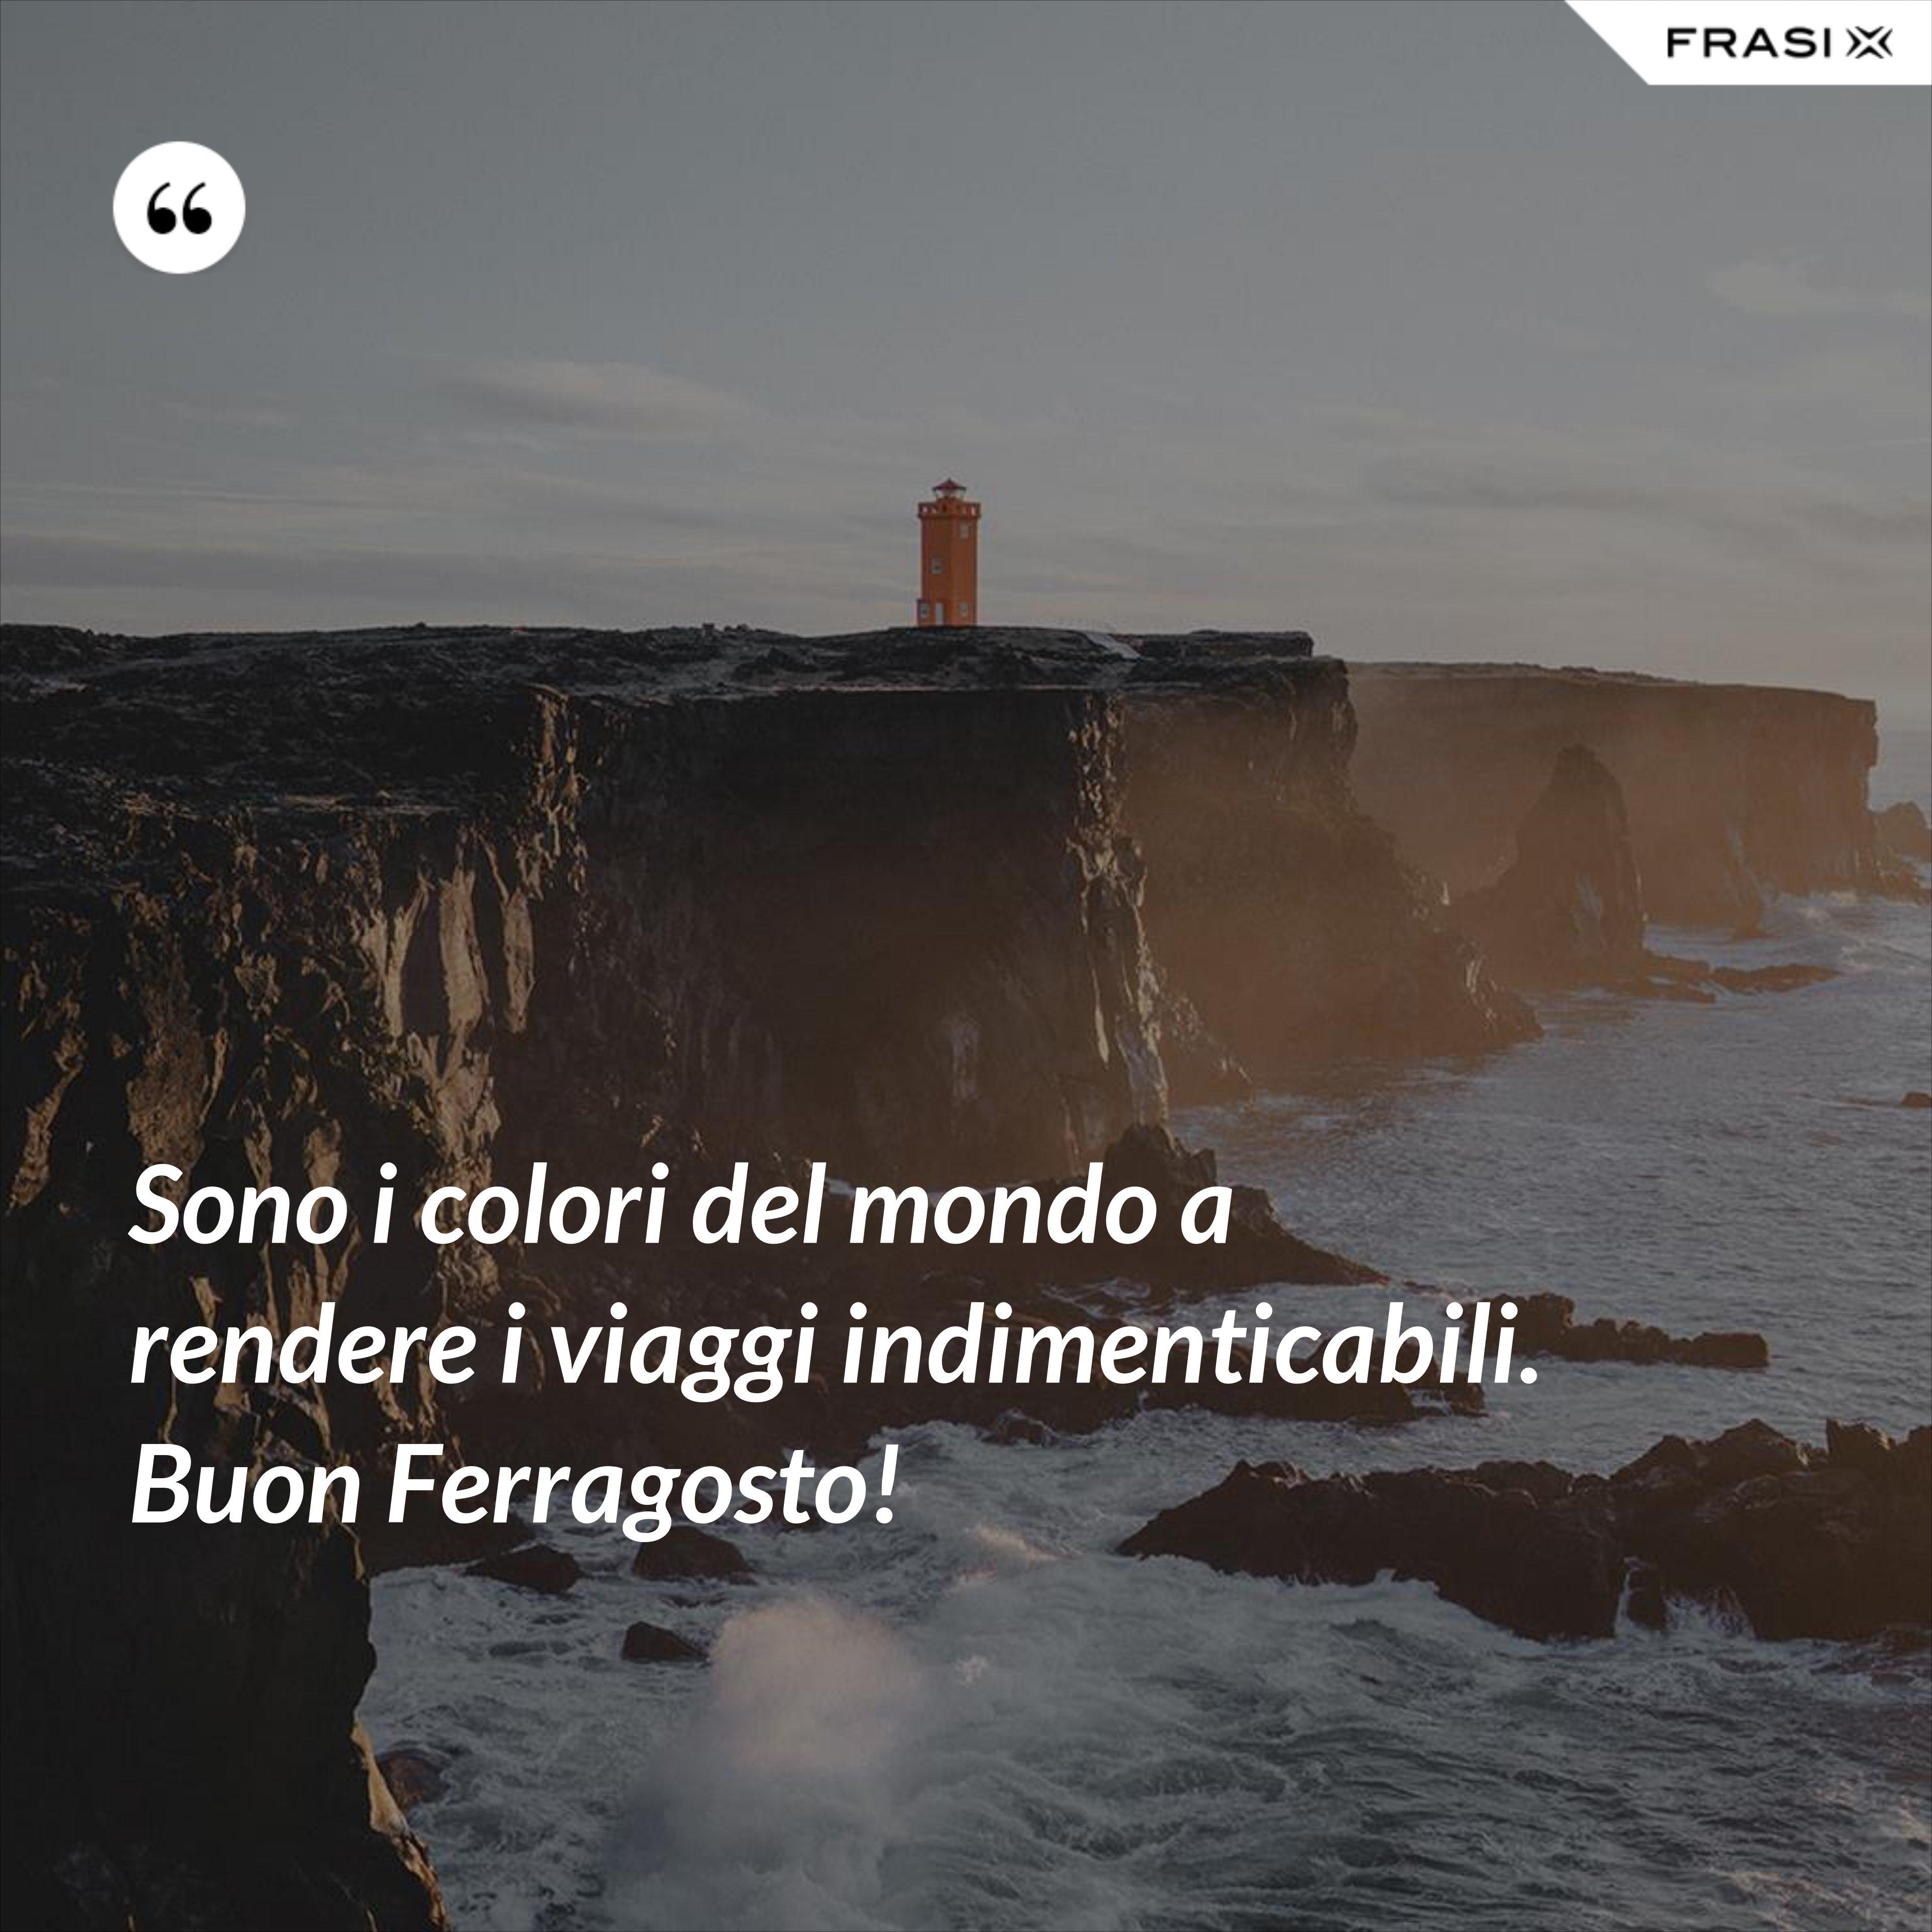 Sono i colori del mondo a rendere i viaggi indimenticabili. Buon Ferragosto! - Anonimo